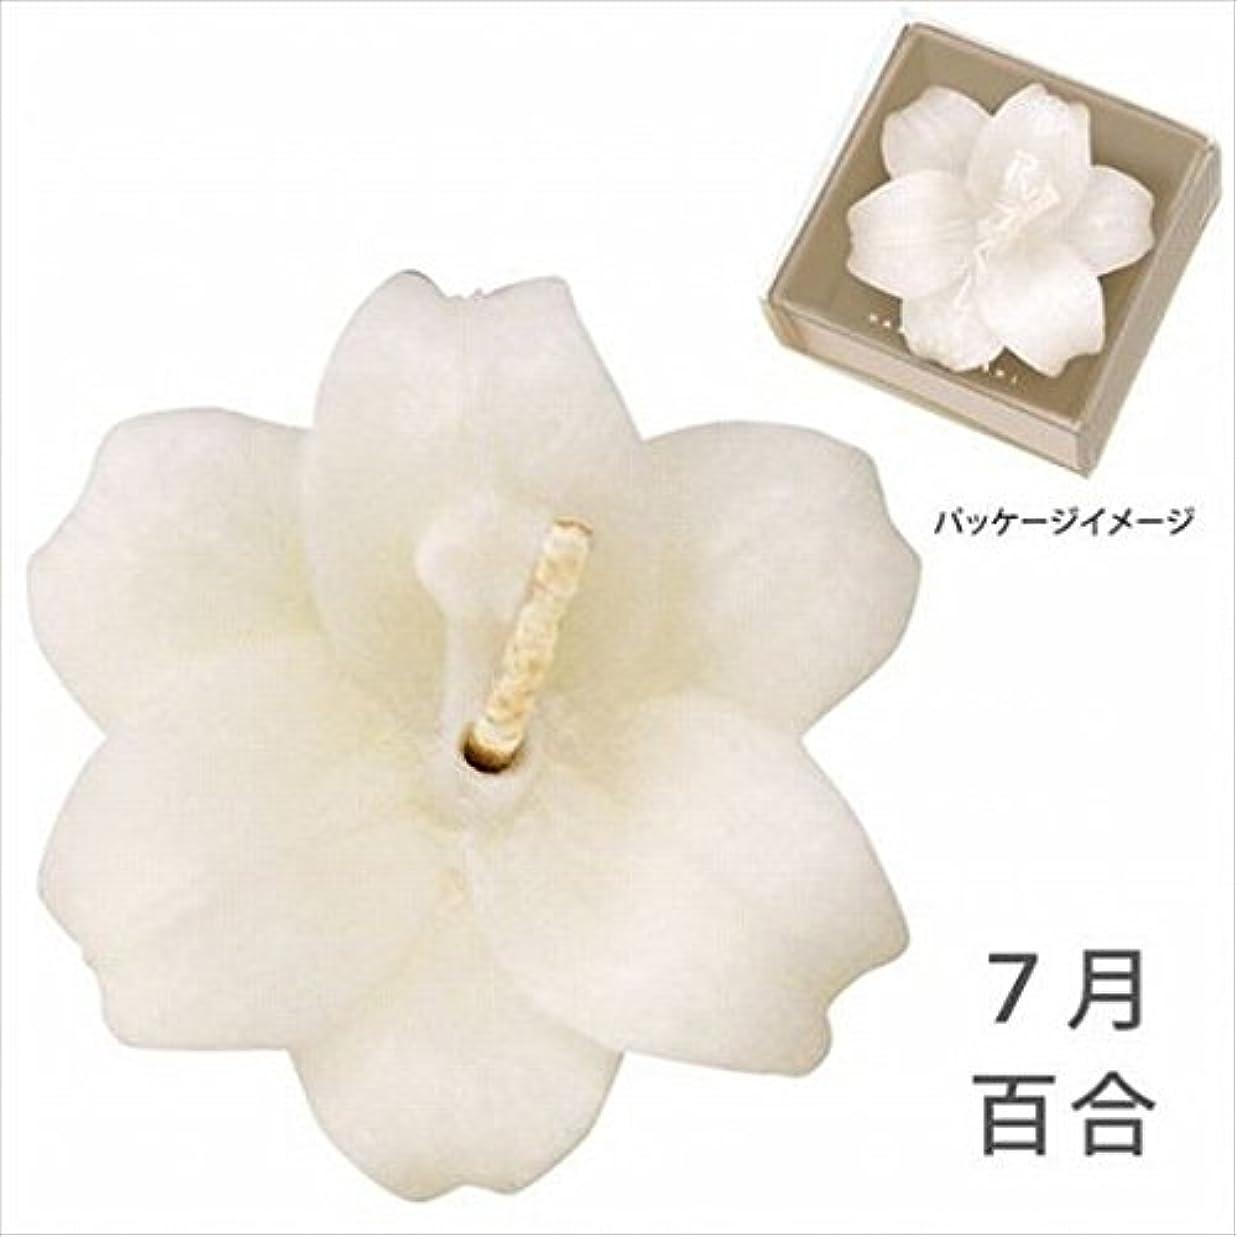 棚願う出血kameyama candle(カメヤマキャンドル) 花づくし(植物性) 百合 「 百合(7月) 」 キャンドル(A4620580)